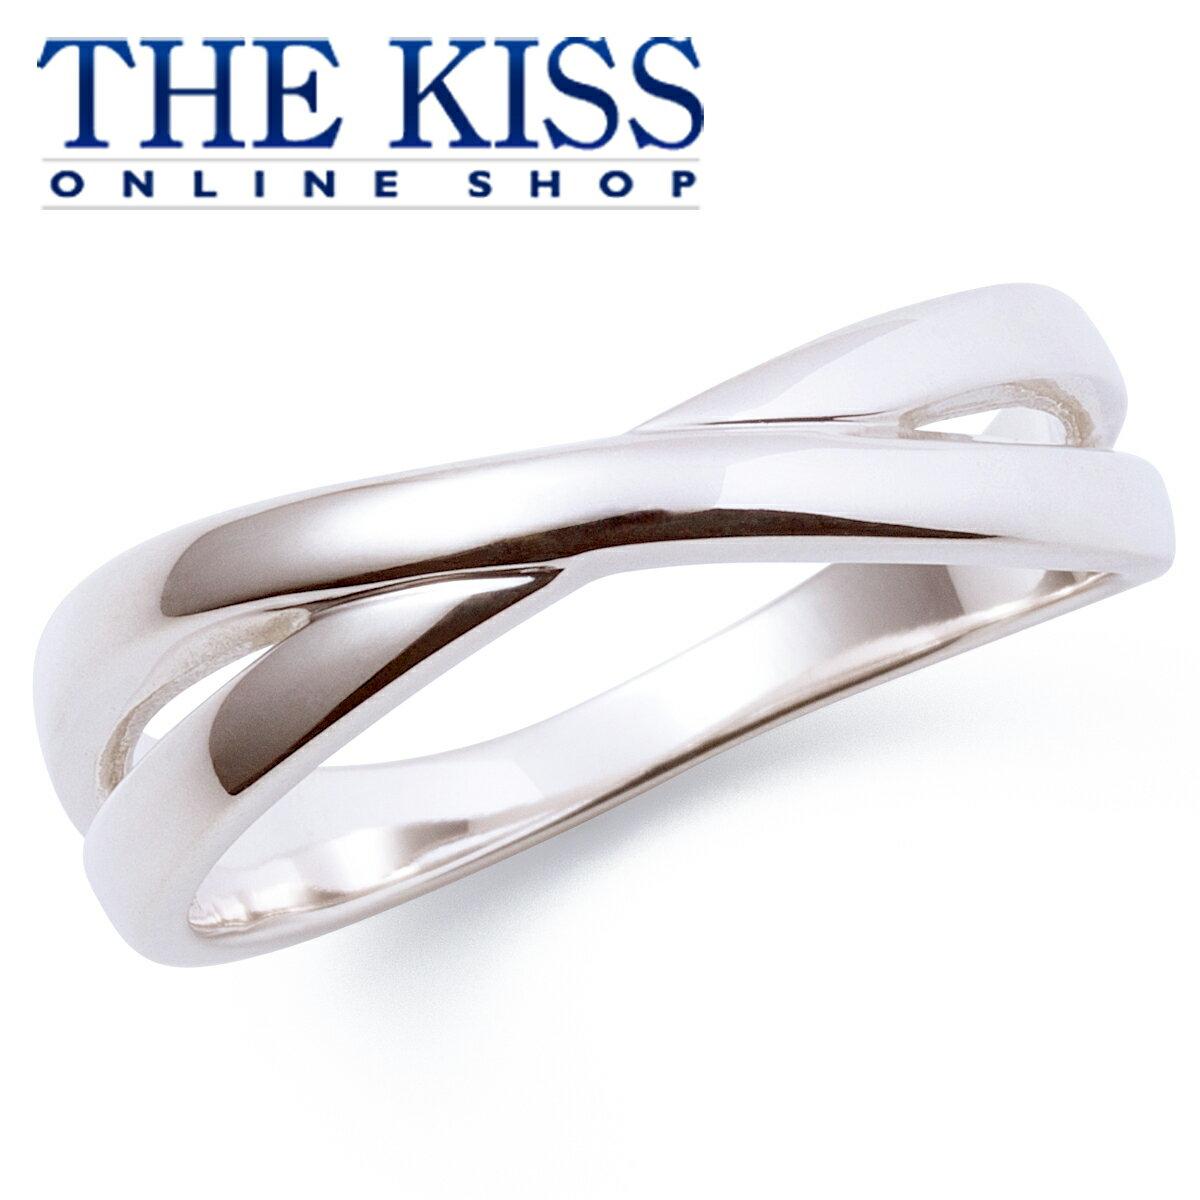 THE KISS 公式サイト シルバー ペアリング ( メンズ 単品 ) ペアアクセサリー カップル に 人気 の ジュエリーブランド THEKISS ペア リング・指輪 記念日 プレゼント PSR815 ザキス 【送料無料】